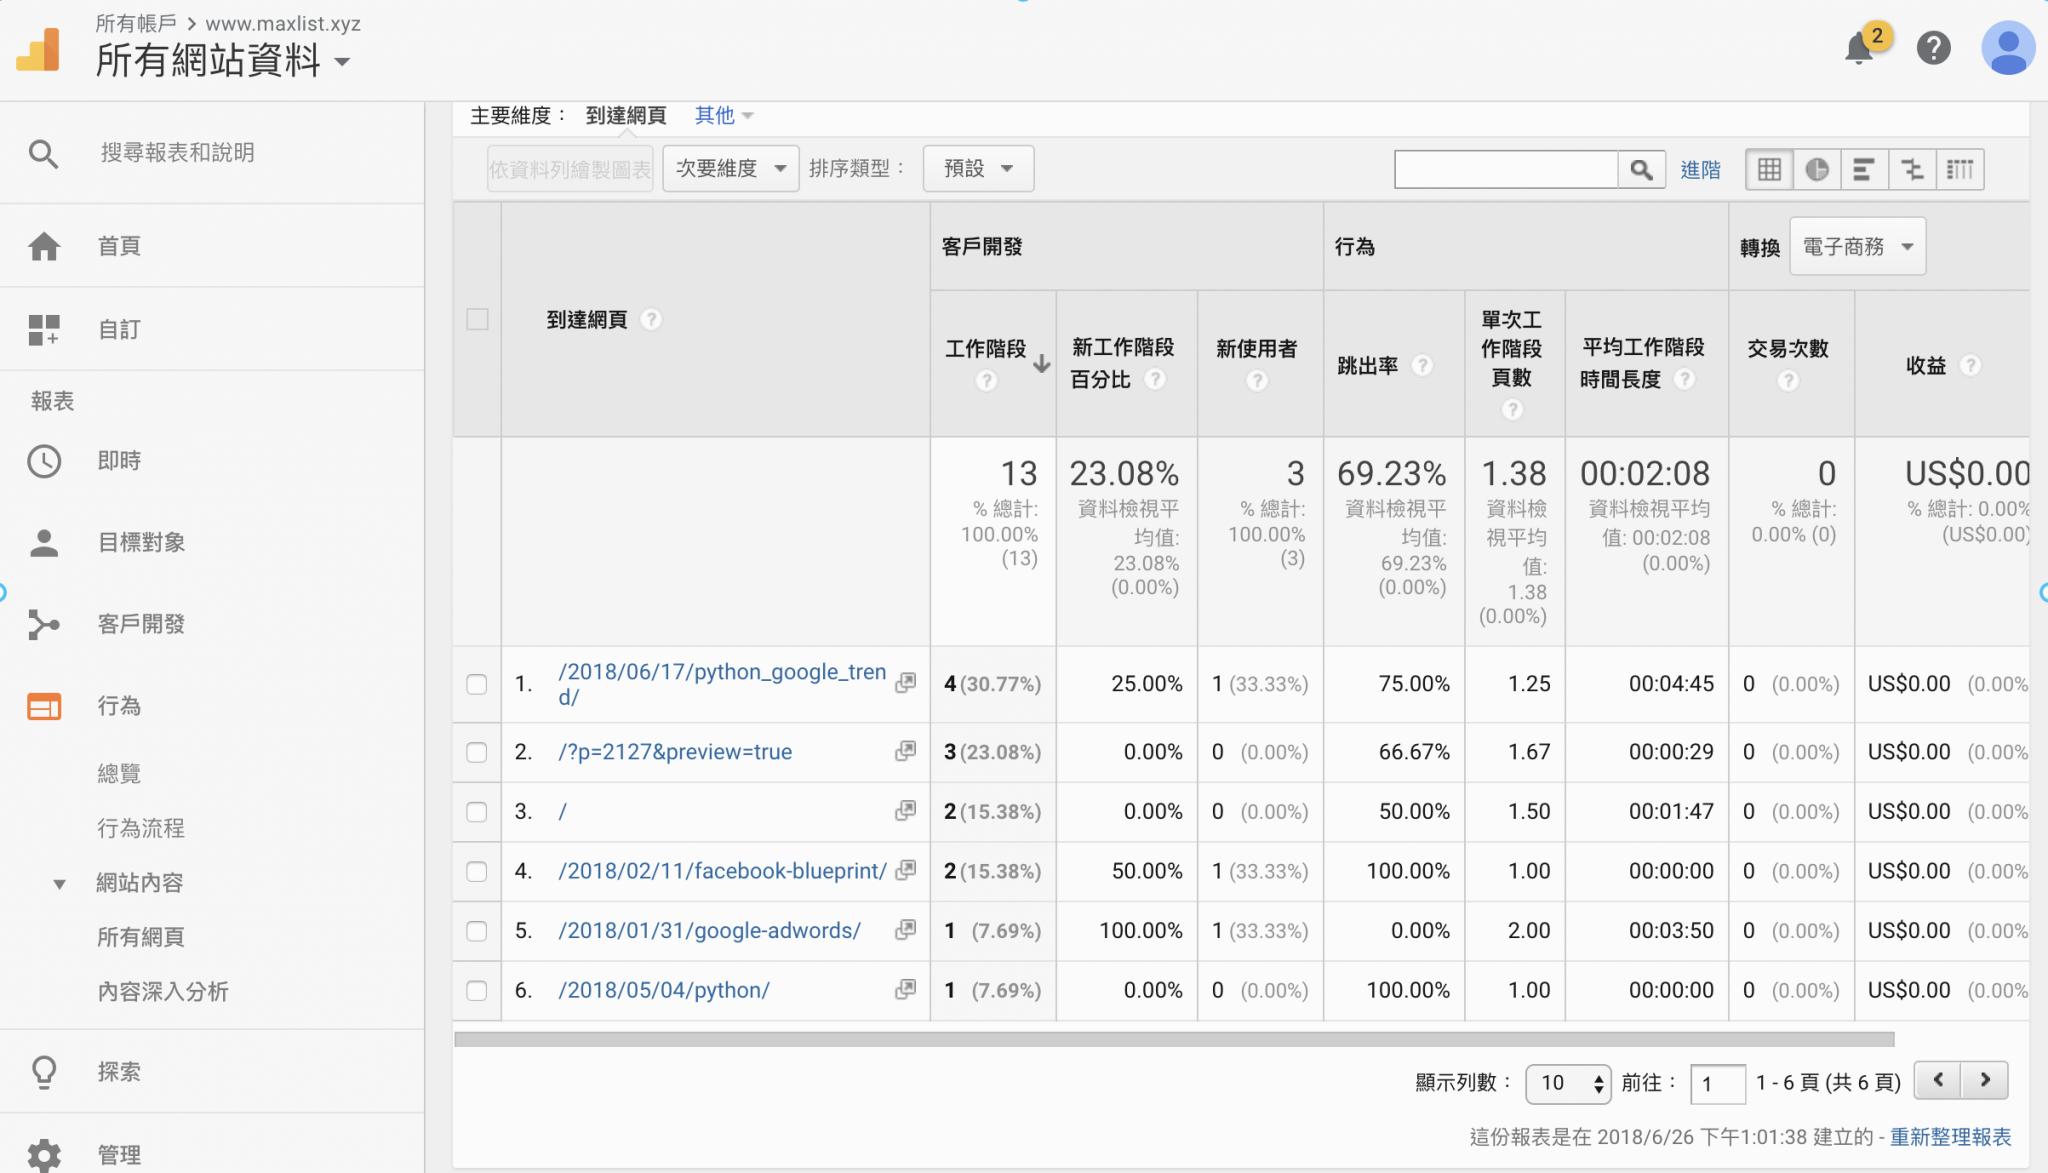 GoogleAnalyticsOld